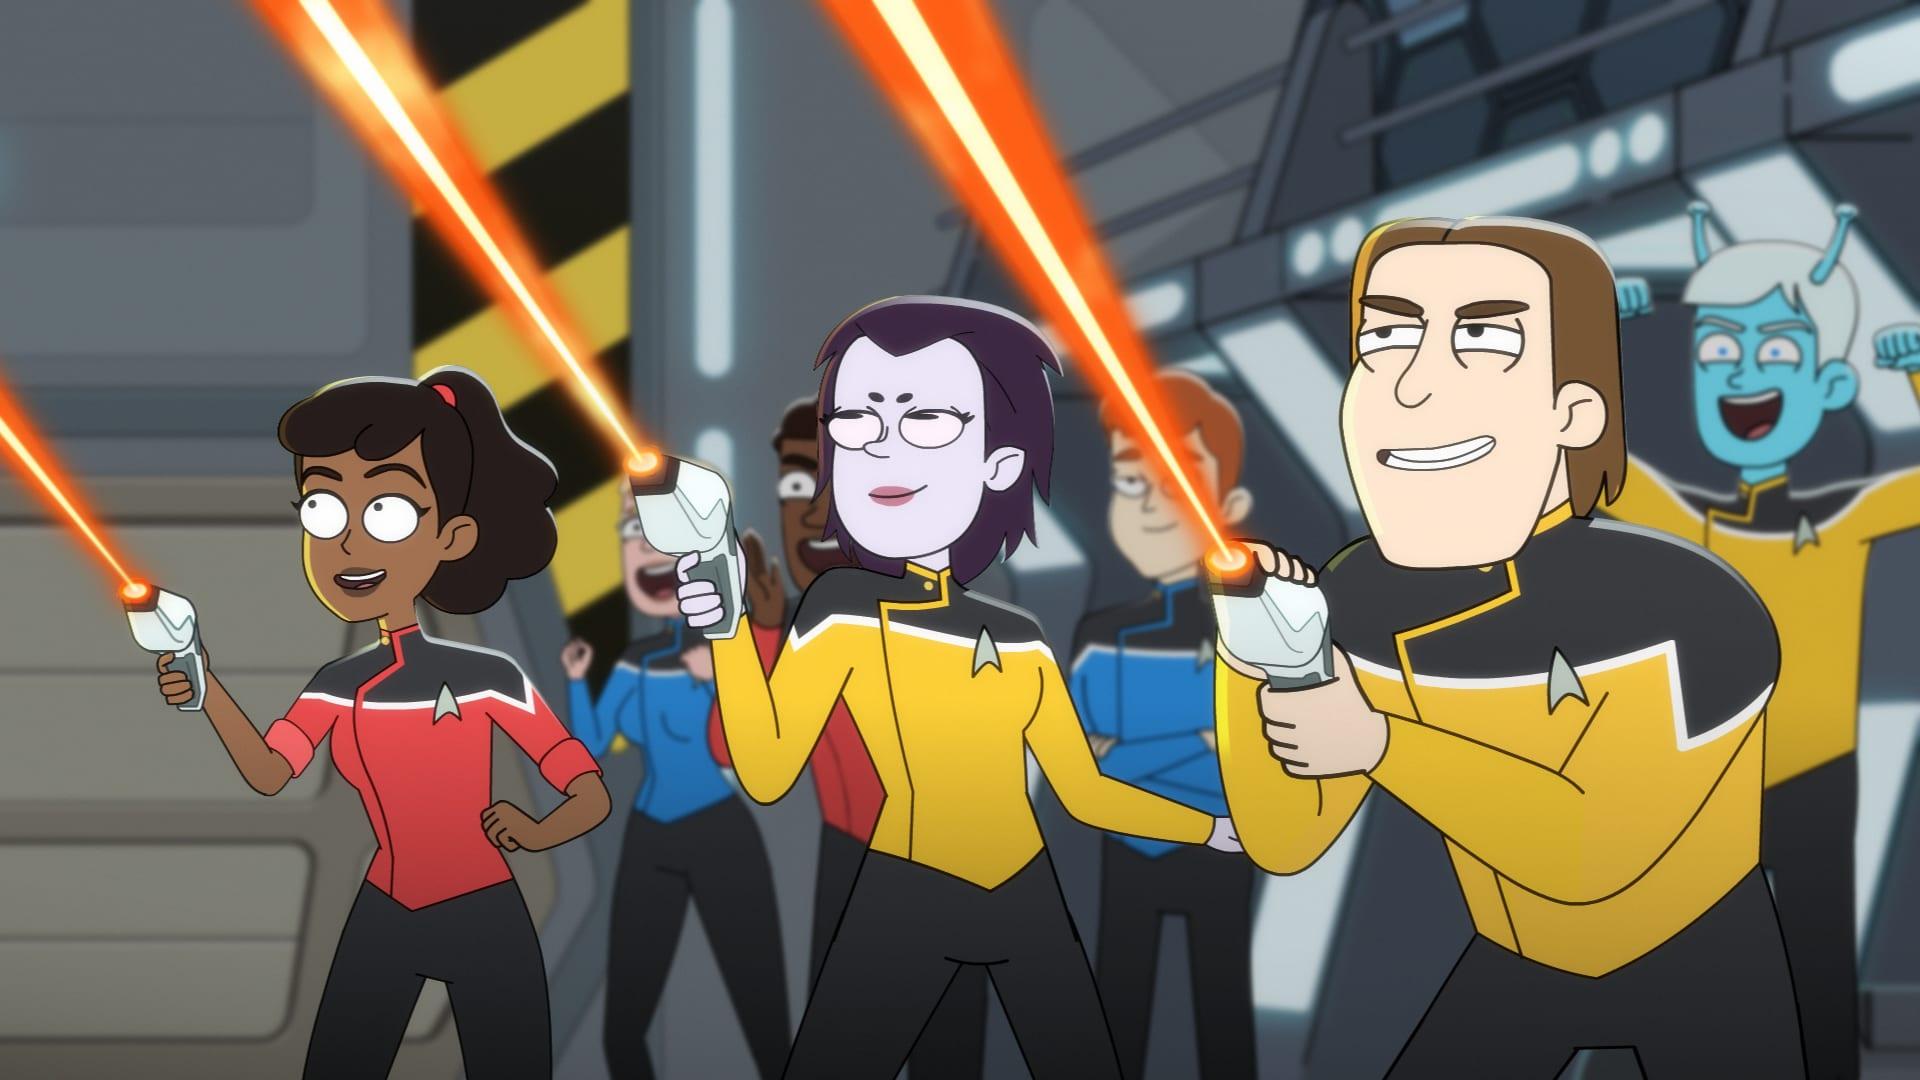 Fecha de lanzamiento del episodio 9 de Lower Decks, ver en línea, vista previa 1